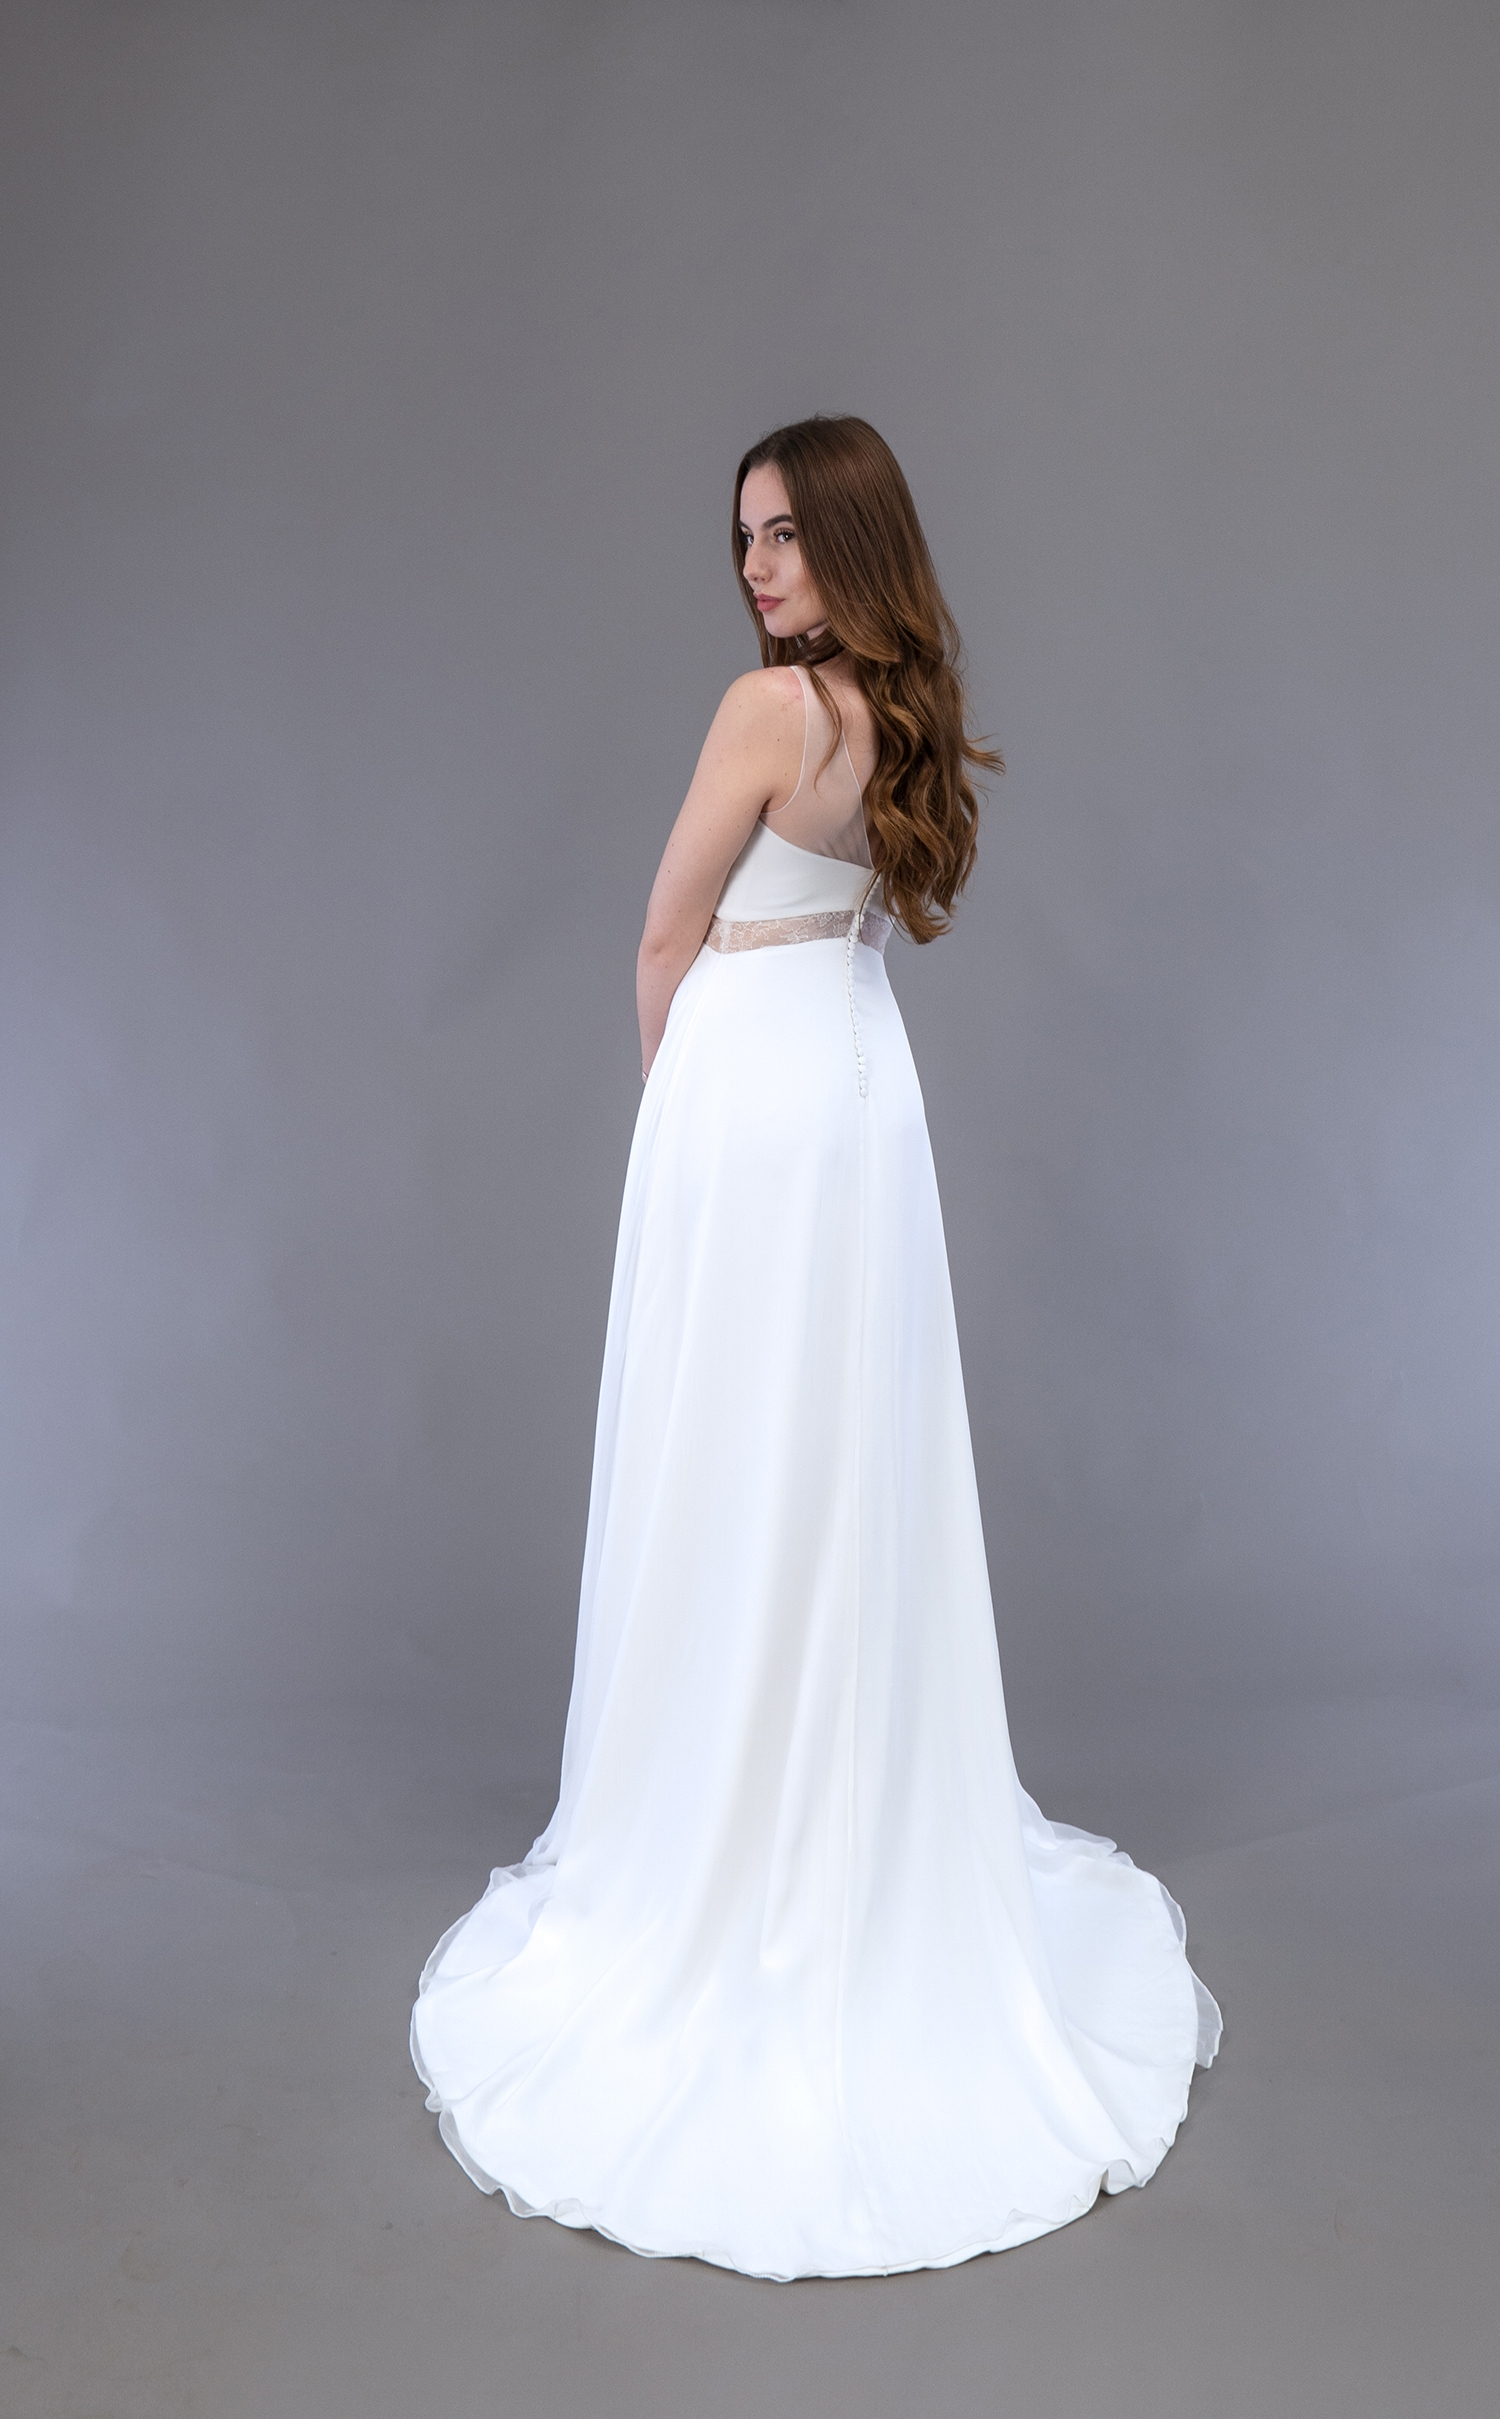 Robe de mariée à Marseille par Belle en soie Couture   robe Muguet